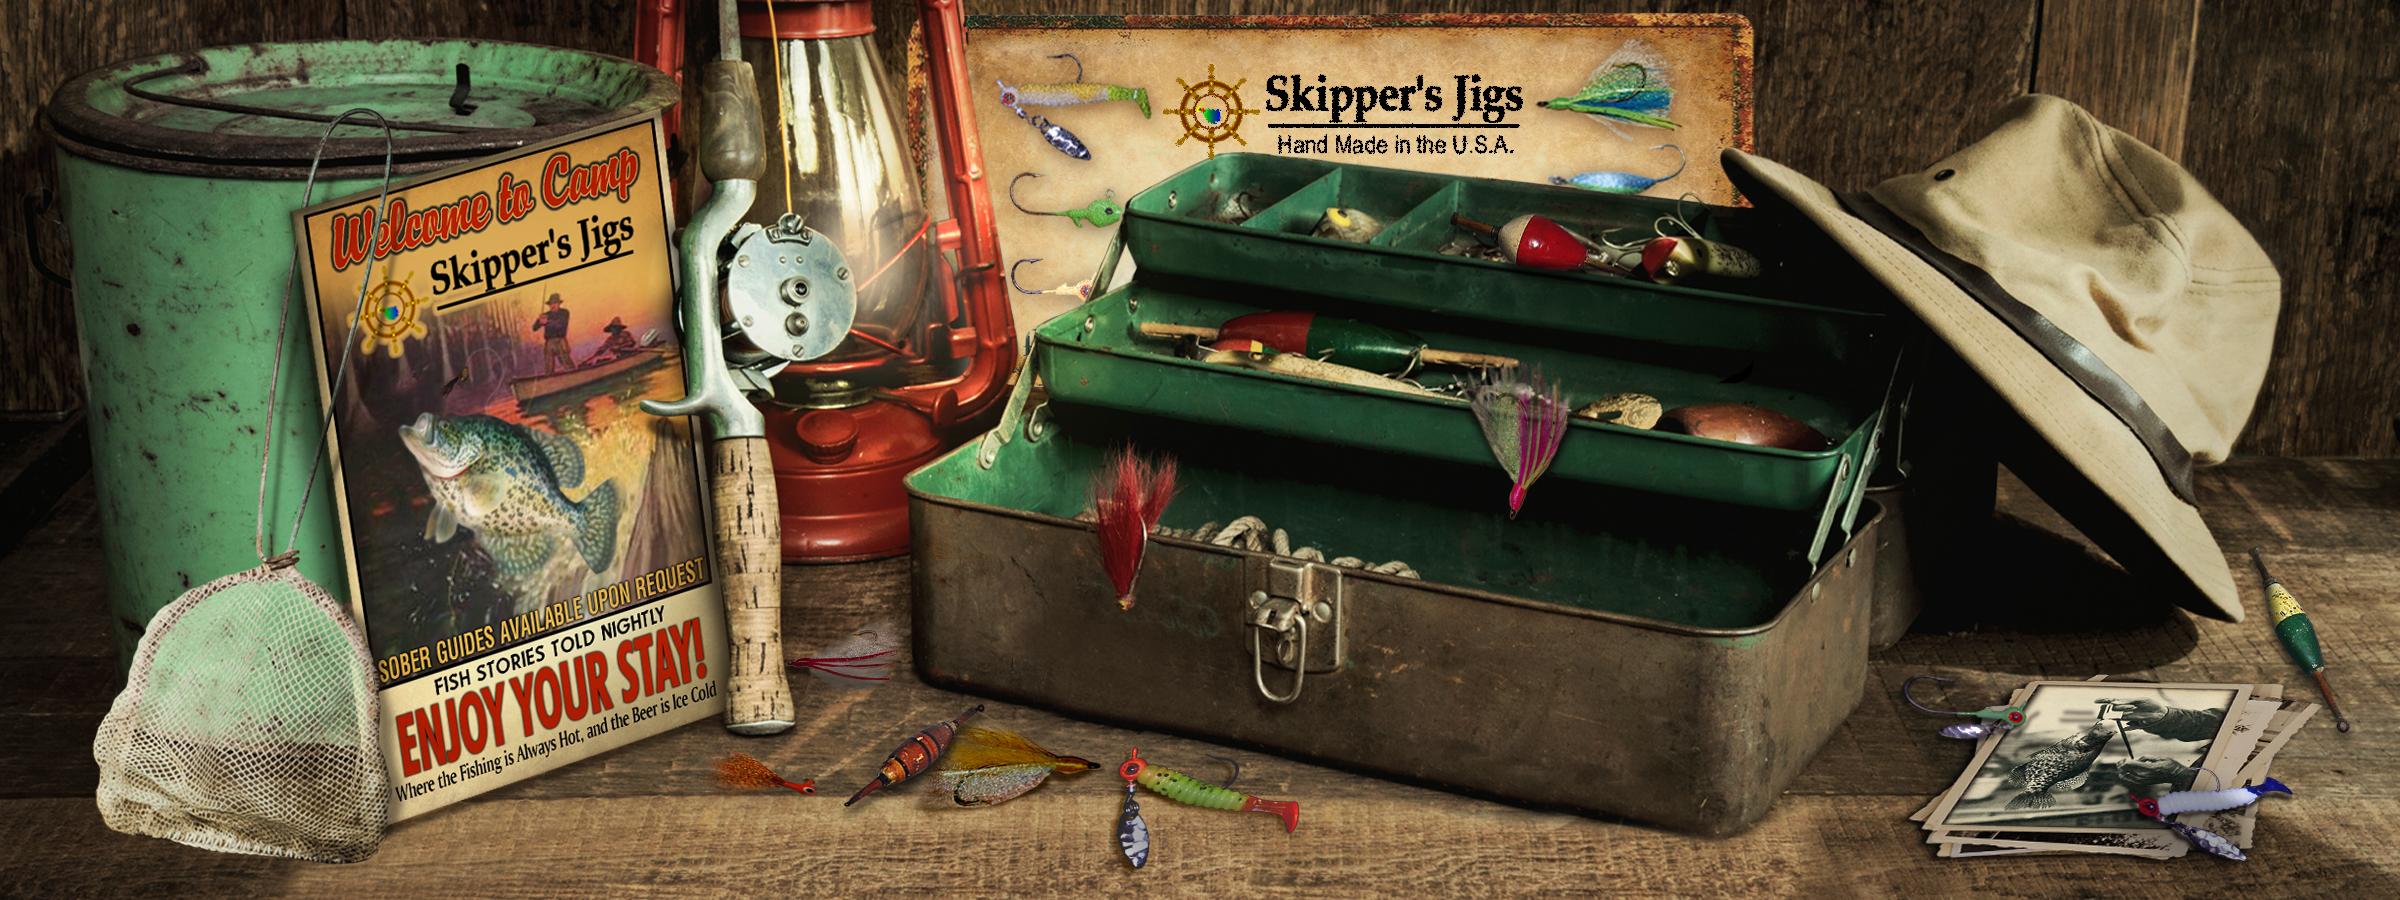 Skippers jigs